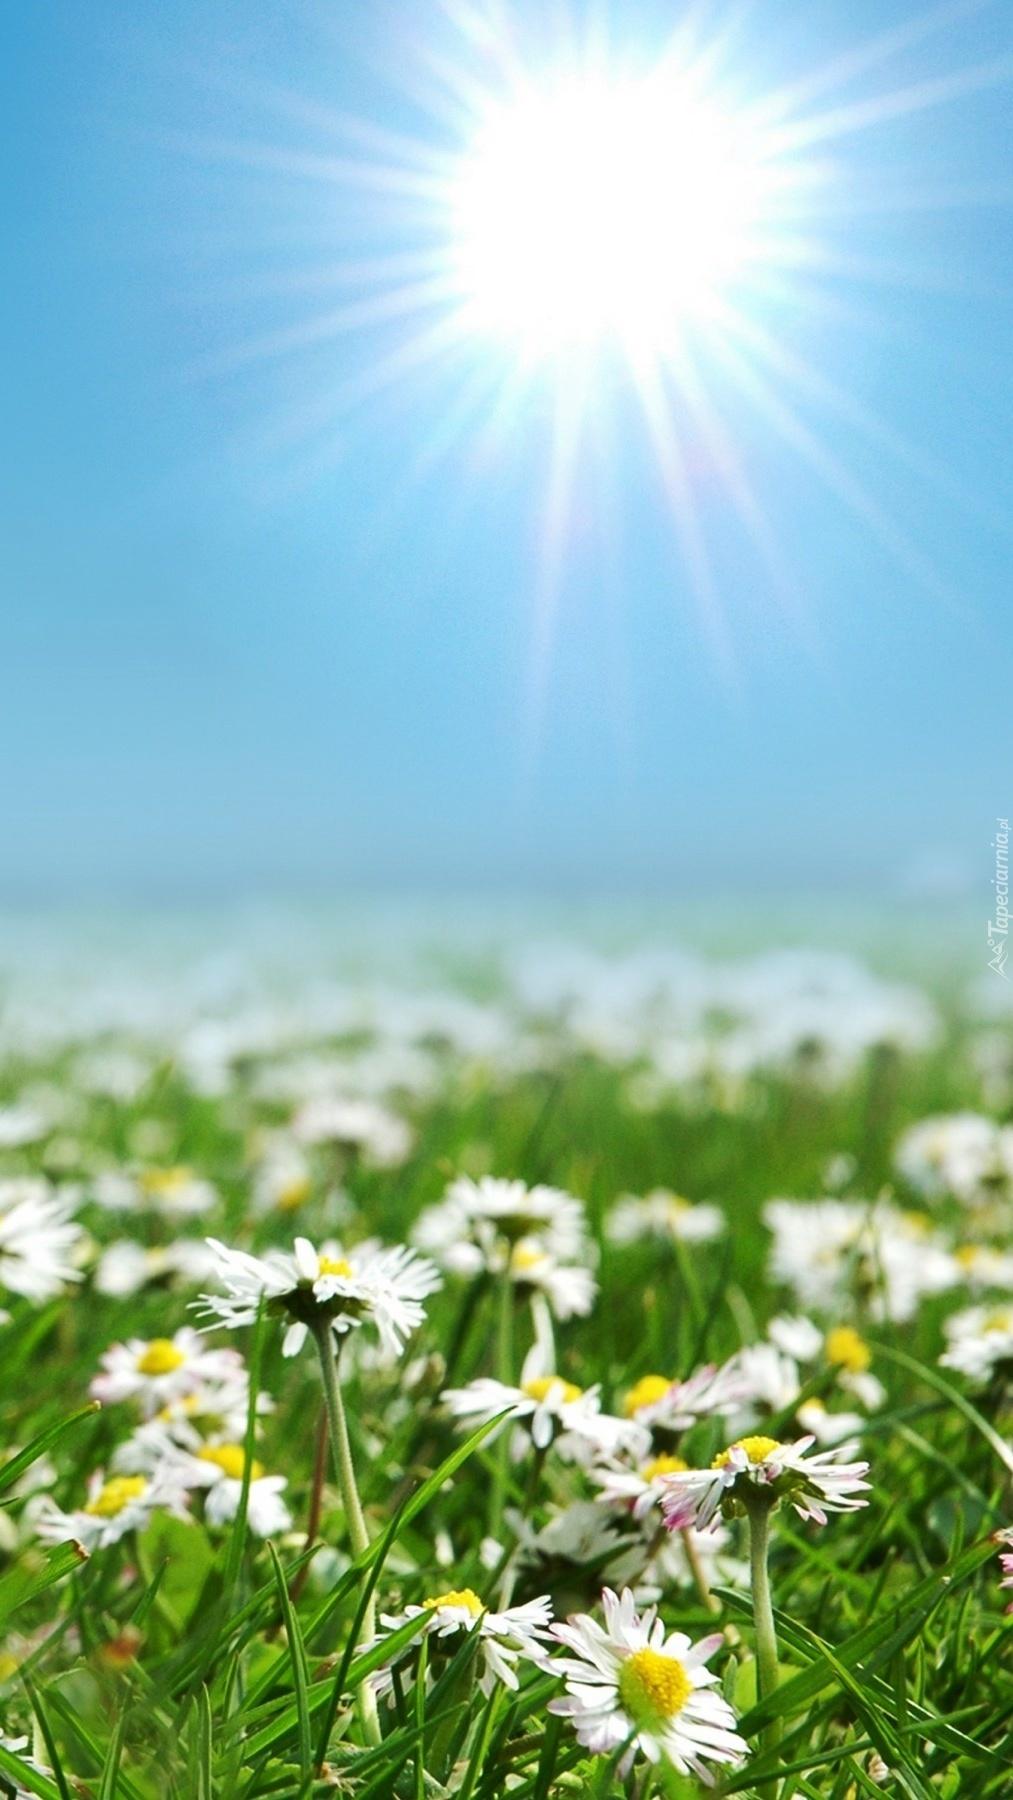 Wygrzewające się w słońcu stokrotki